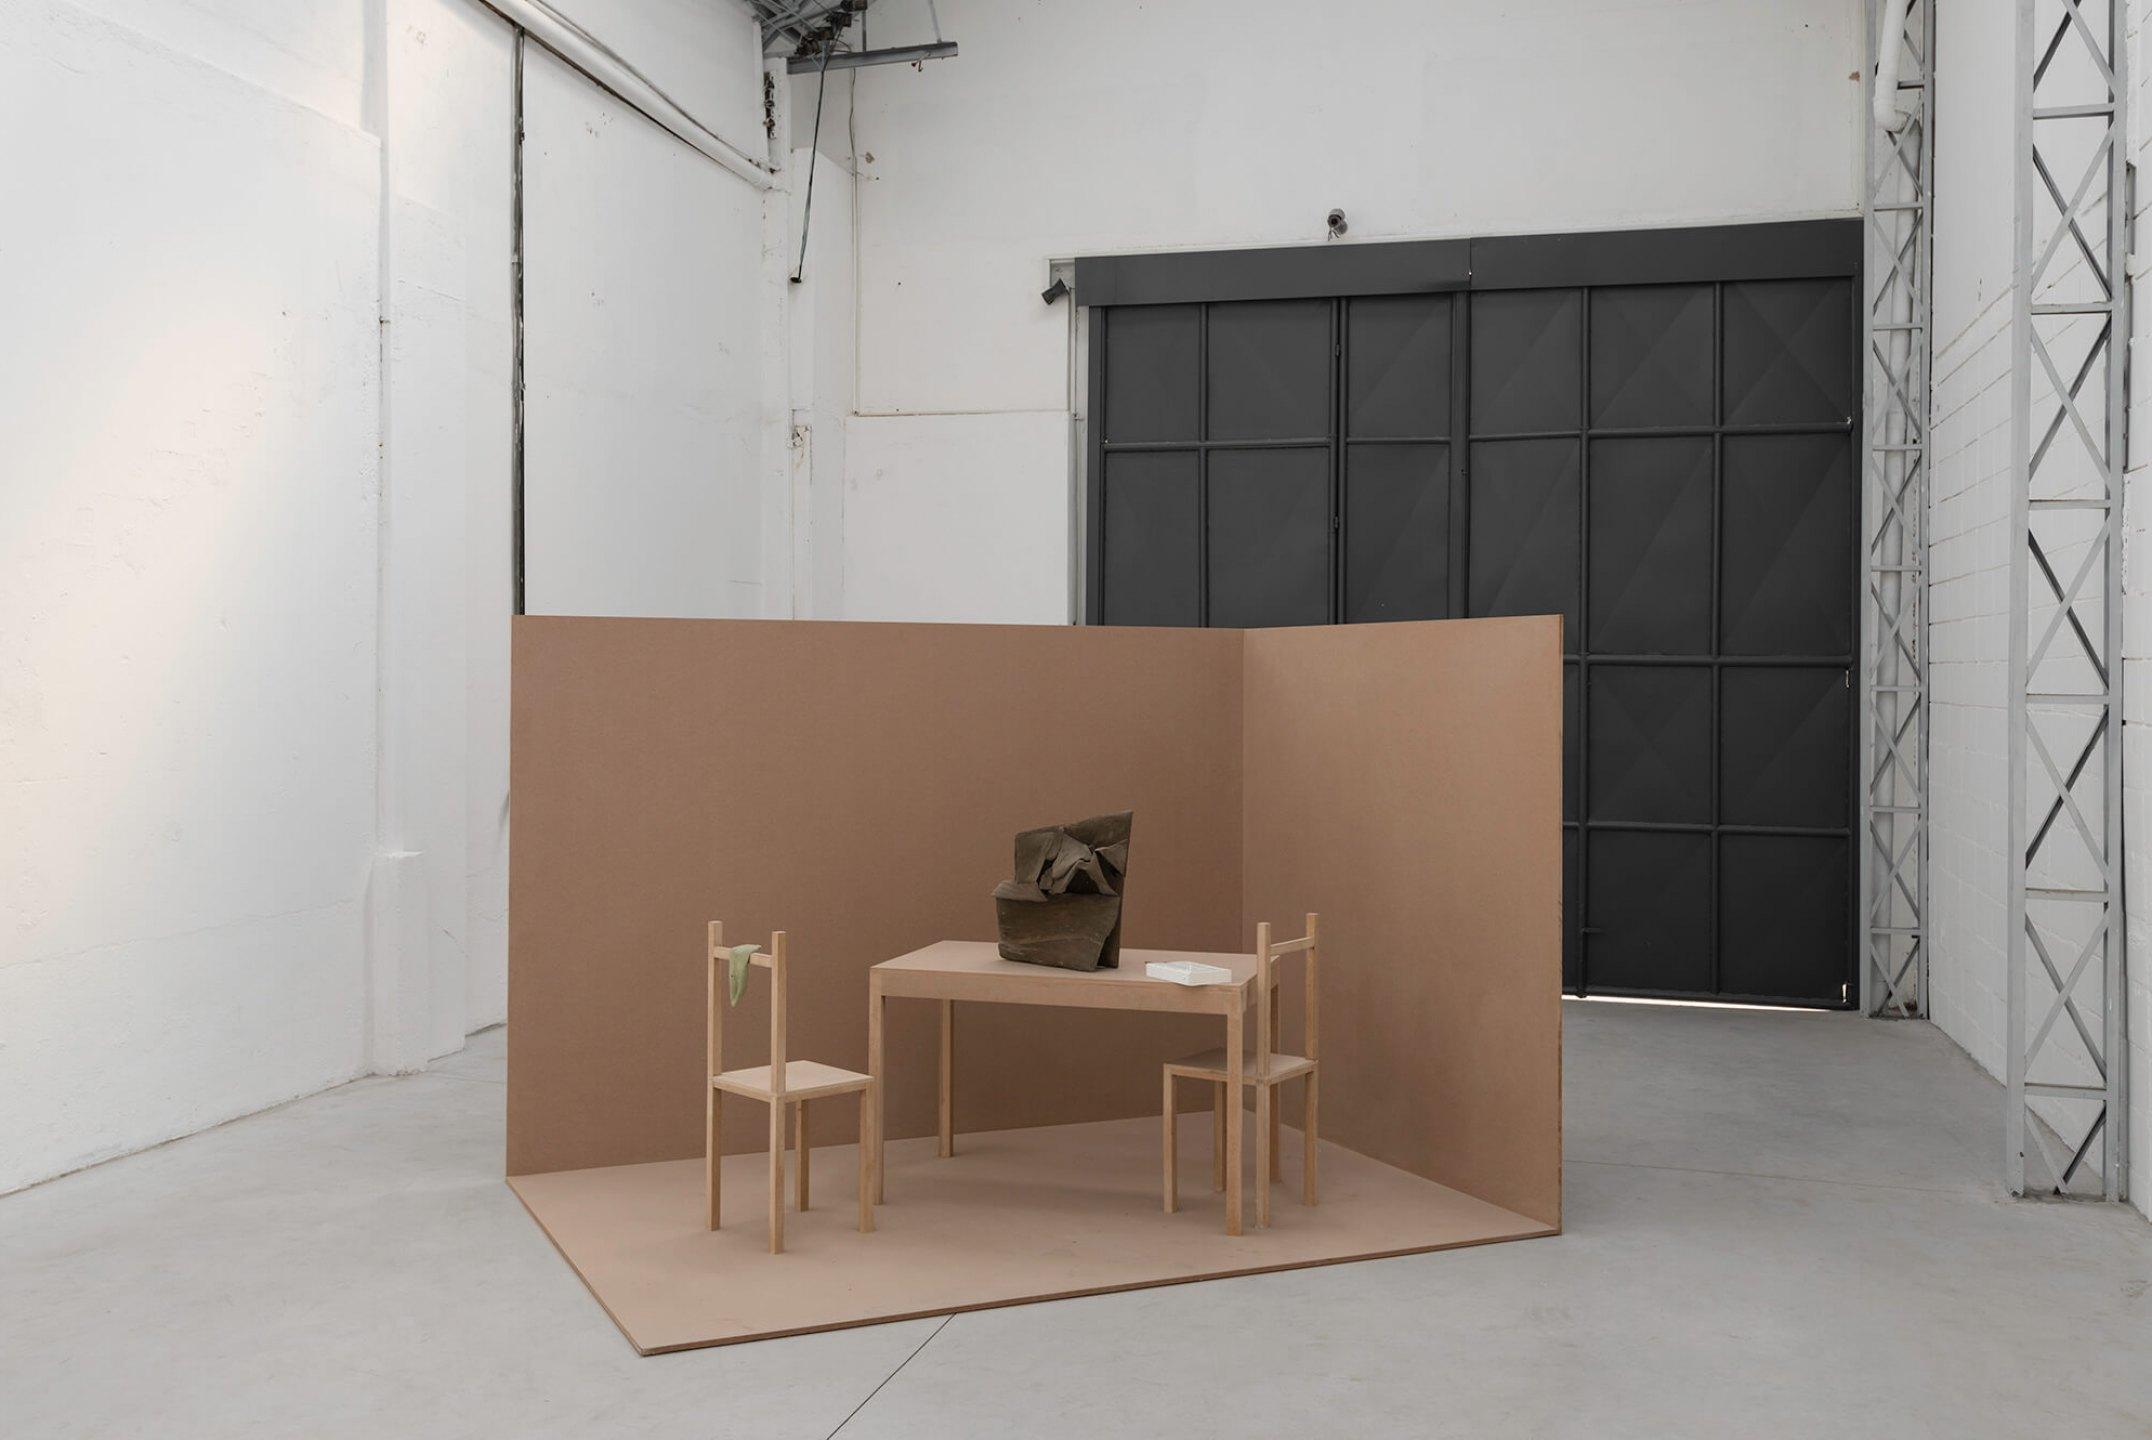 Michael Dean, <em>Sounds of Fucking, Sounds of Dying,</em> Mendes Wood DM, São Paulo, 2013 - Mendes Wood DM